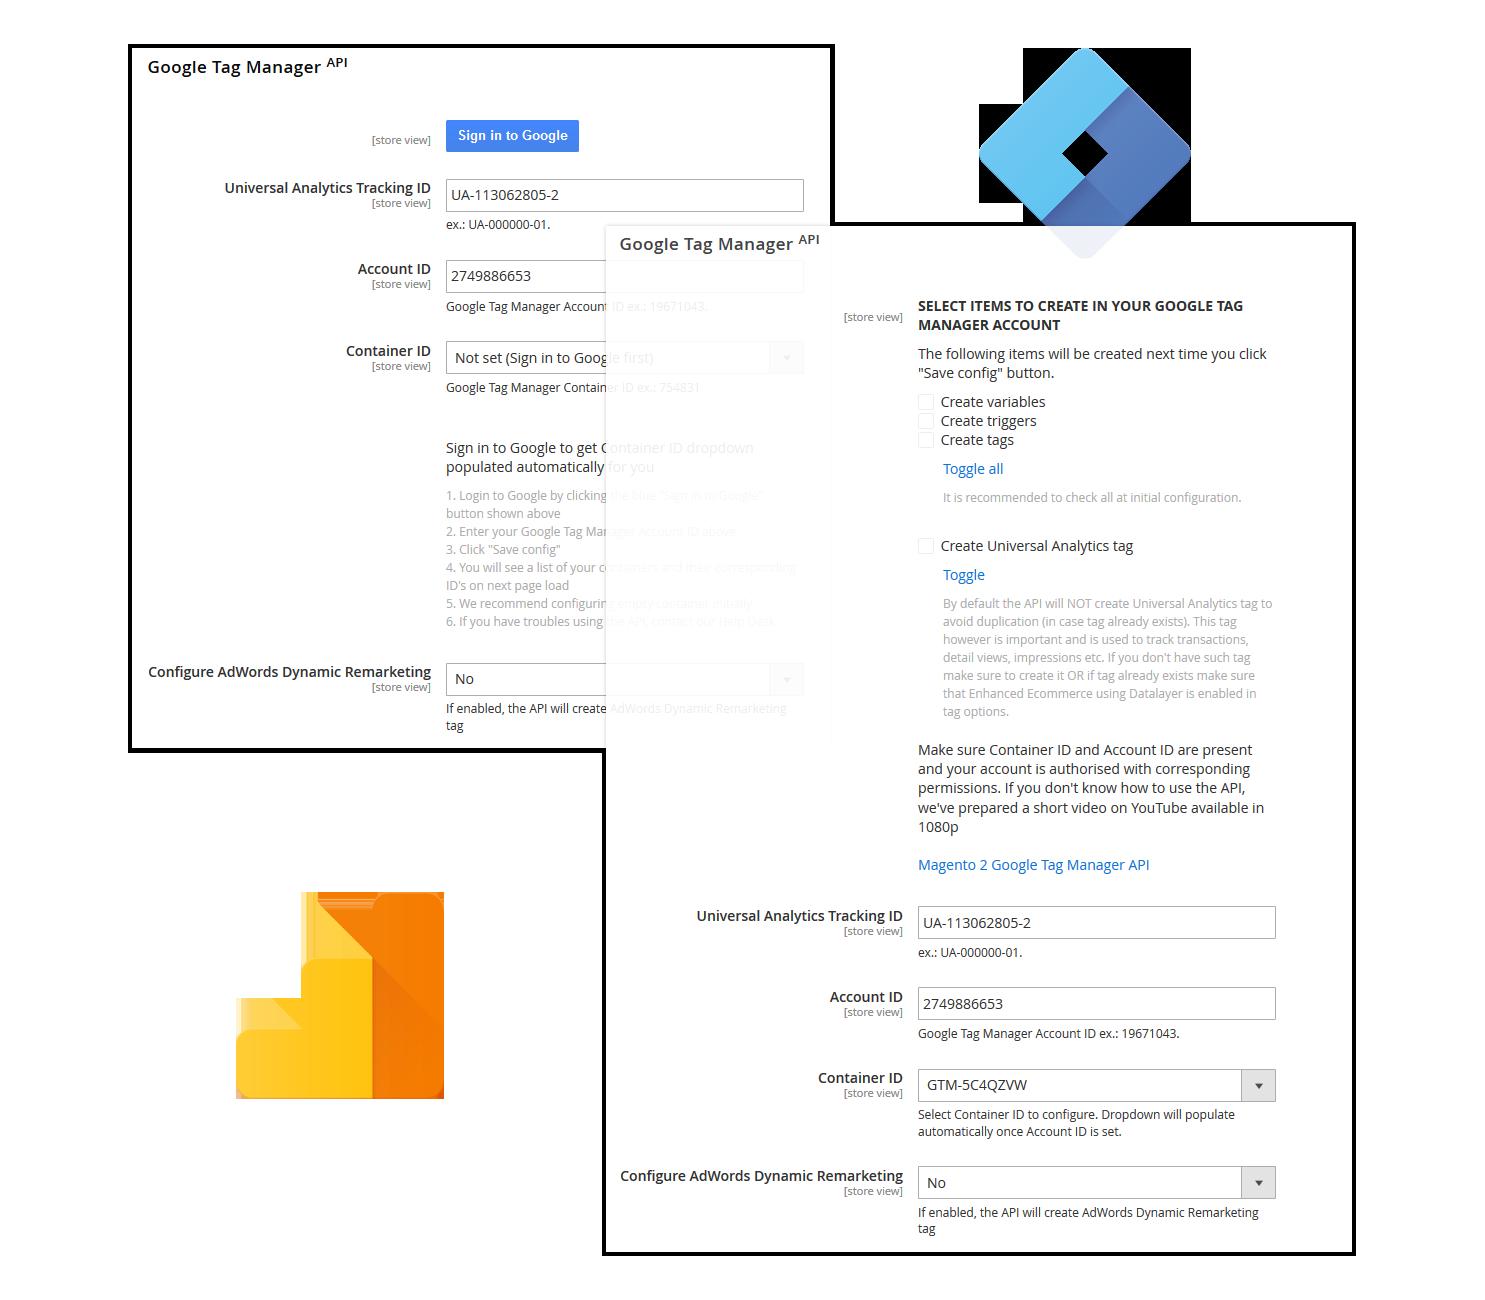 Magento 2 Google Tag Manager Enhanced Ecommerce (UA) Tracking